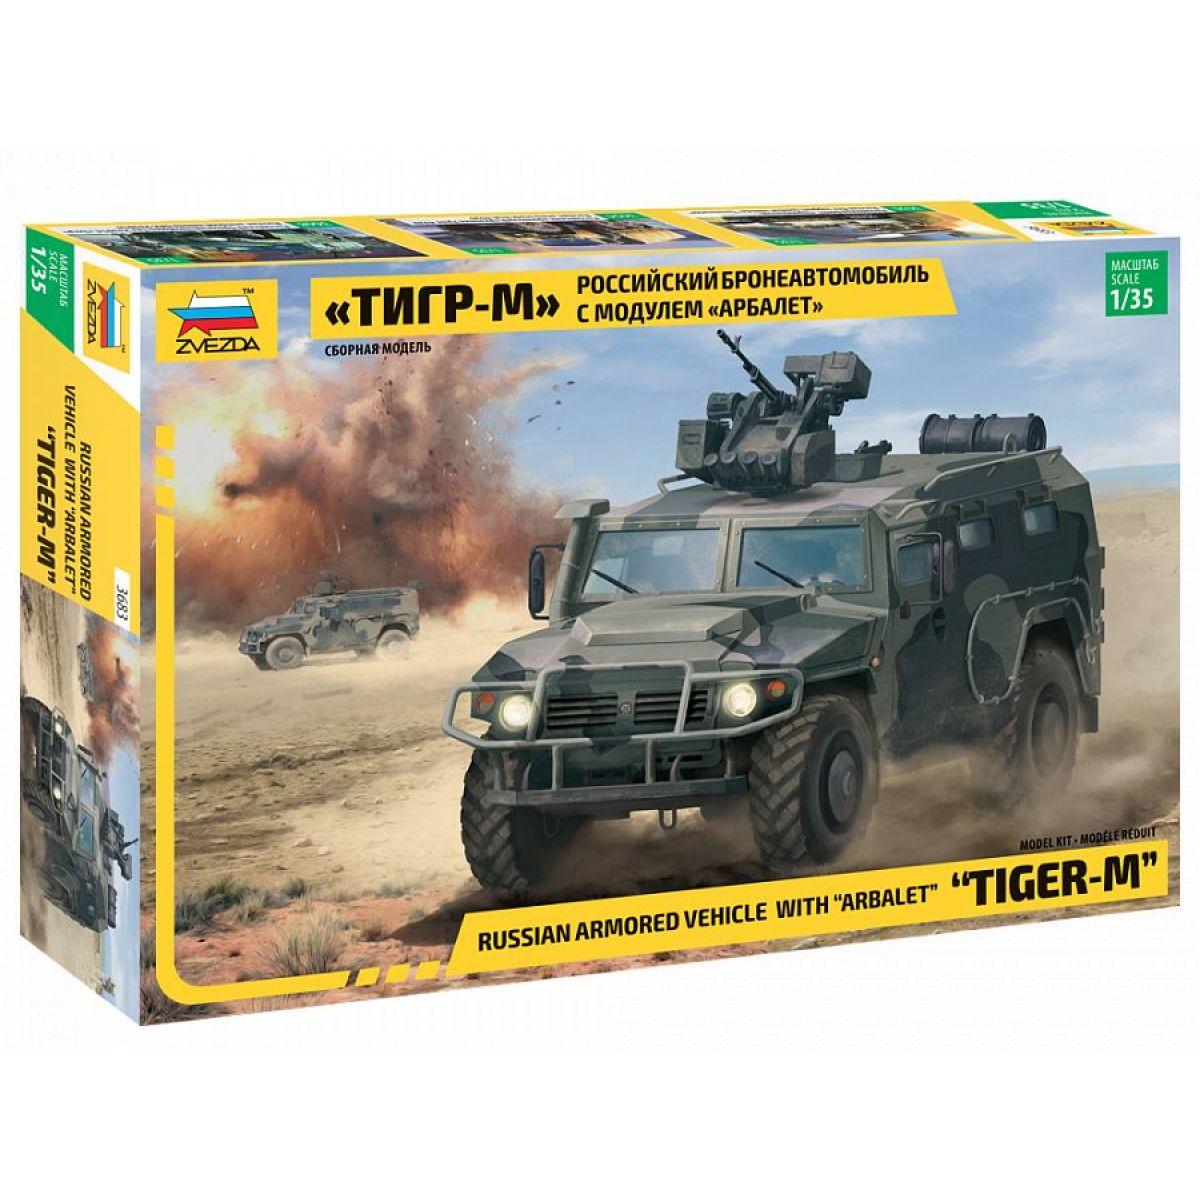 Zvezda Model Kit military GAZ Tiger w Arbalet 1:35